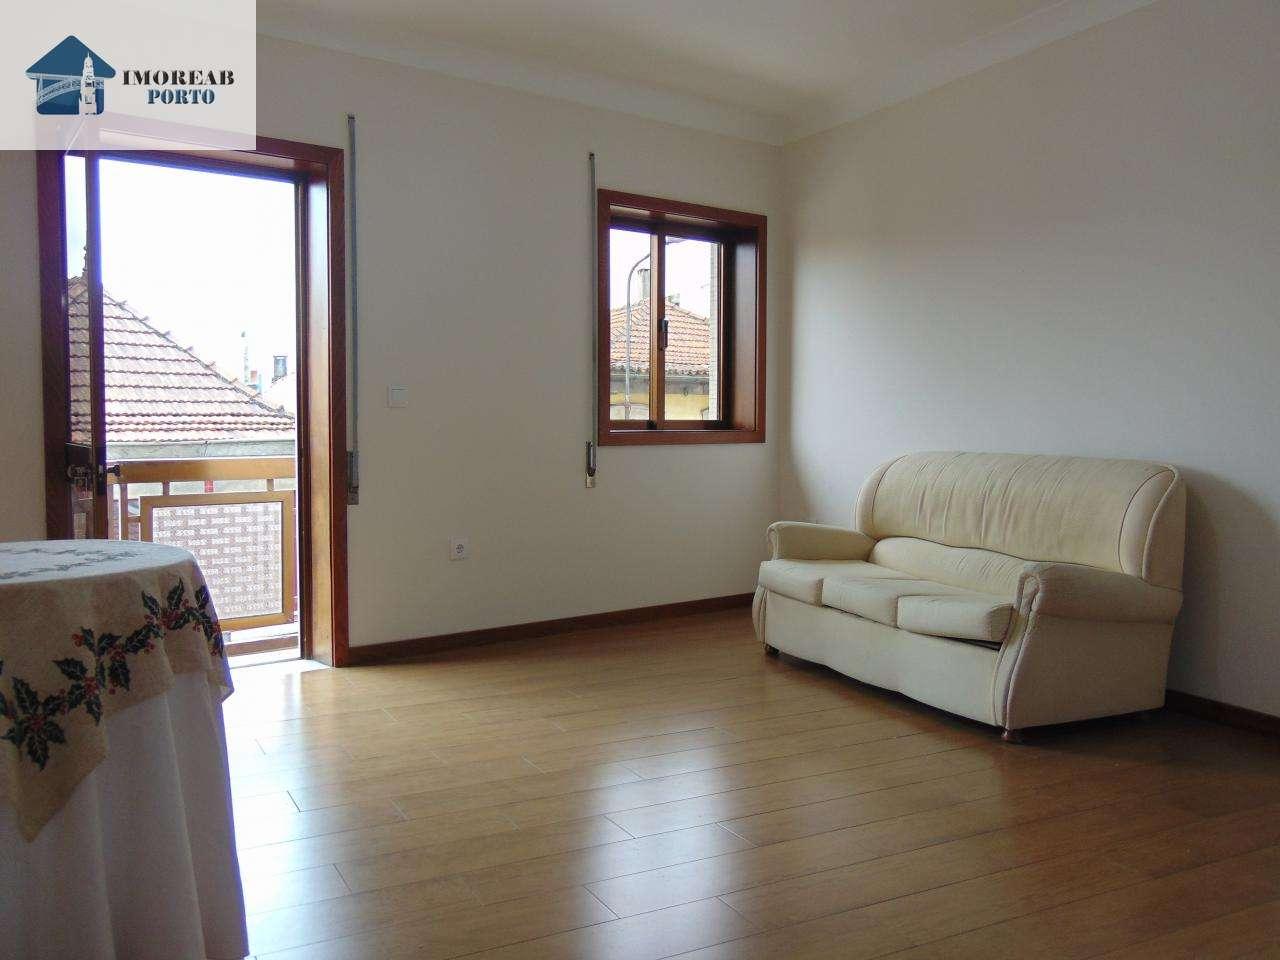 Apartamento para comprar, Campanhã, Porto - Foto 4